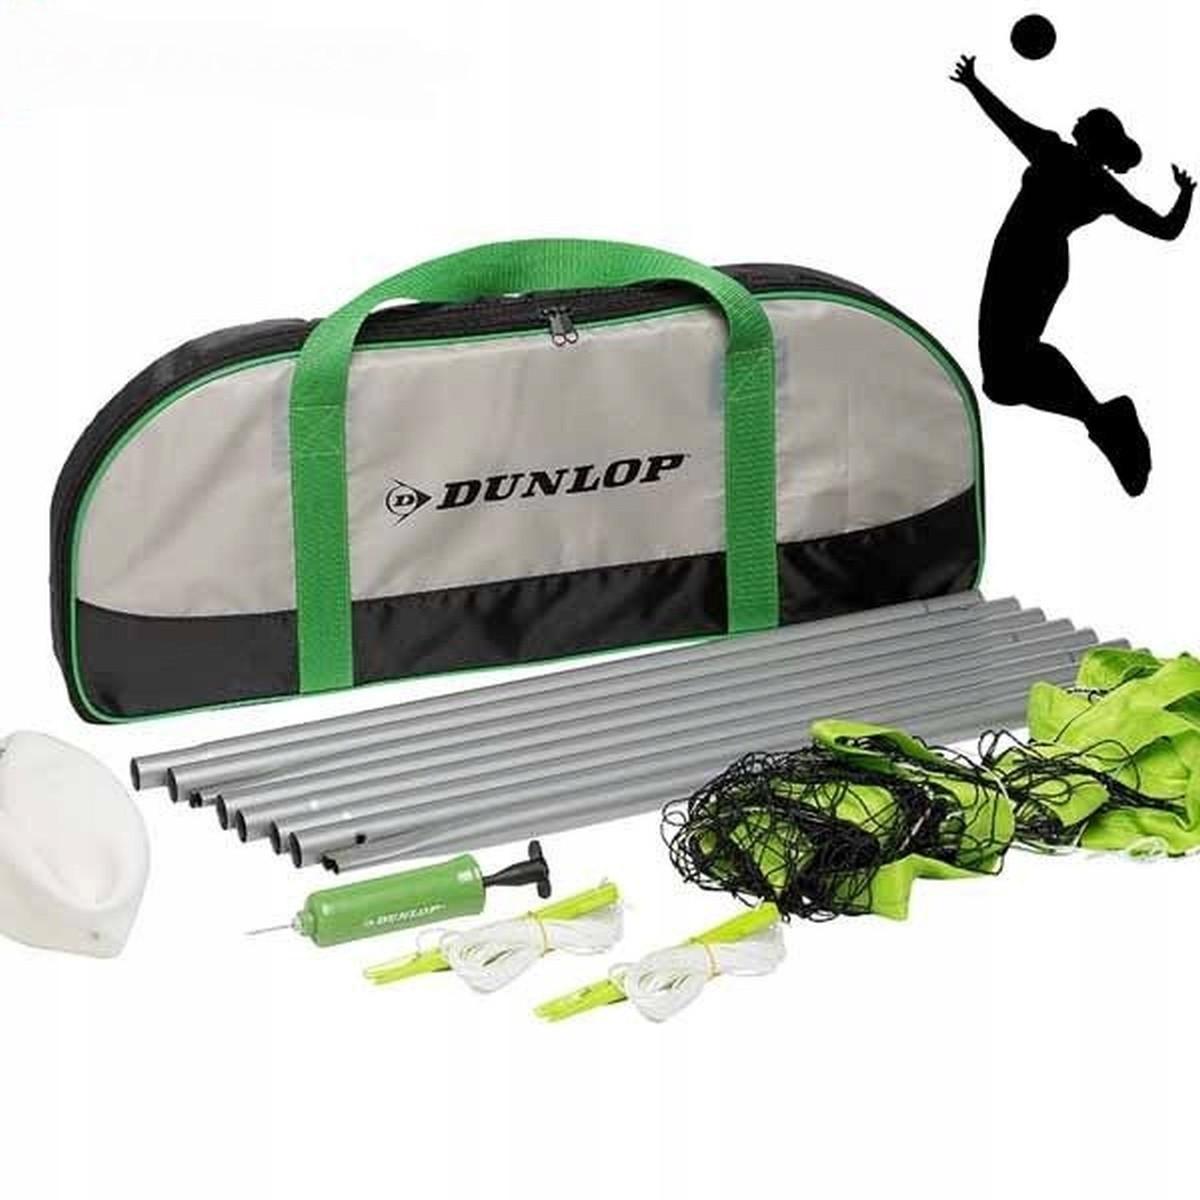 Комплект для волейбола Dunlop 5 в 1